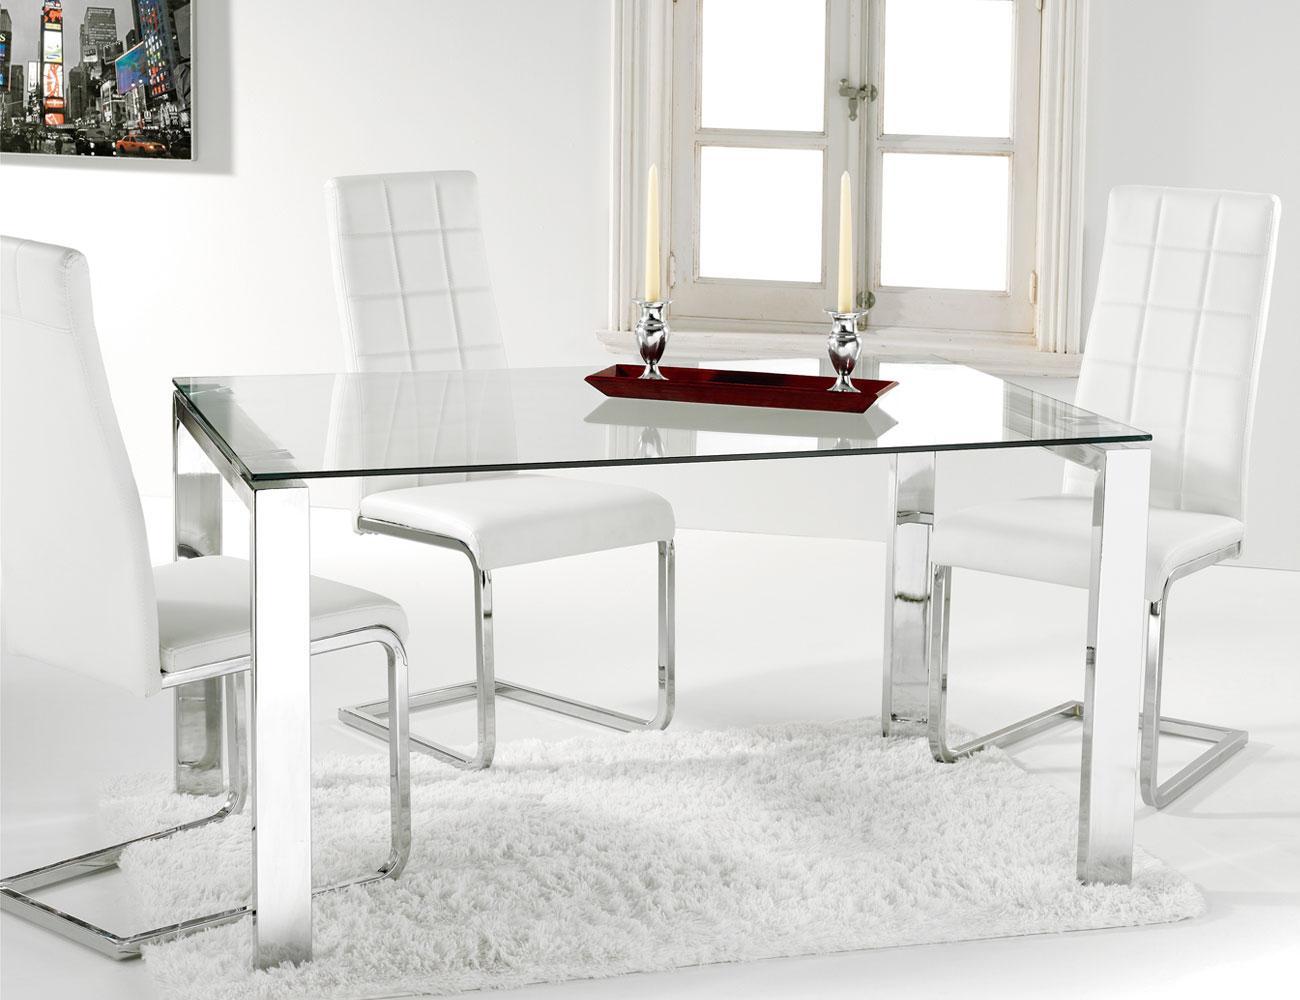 Mesa comedor cristal templado con patas cromadas factory for Mesas de cristal para comedor